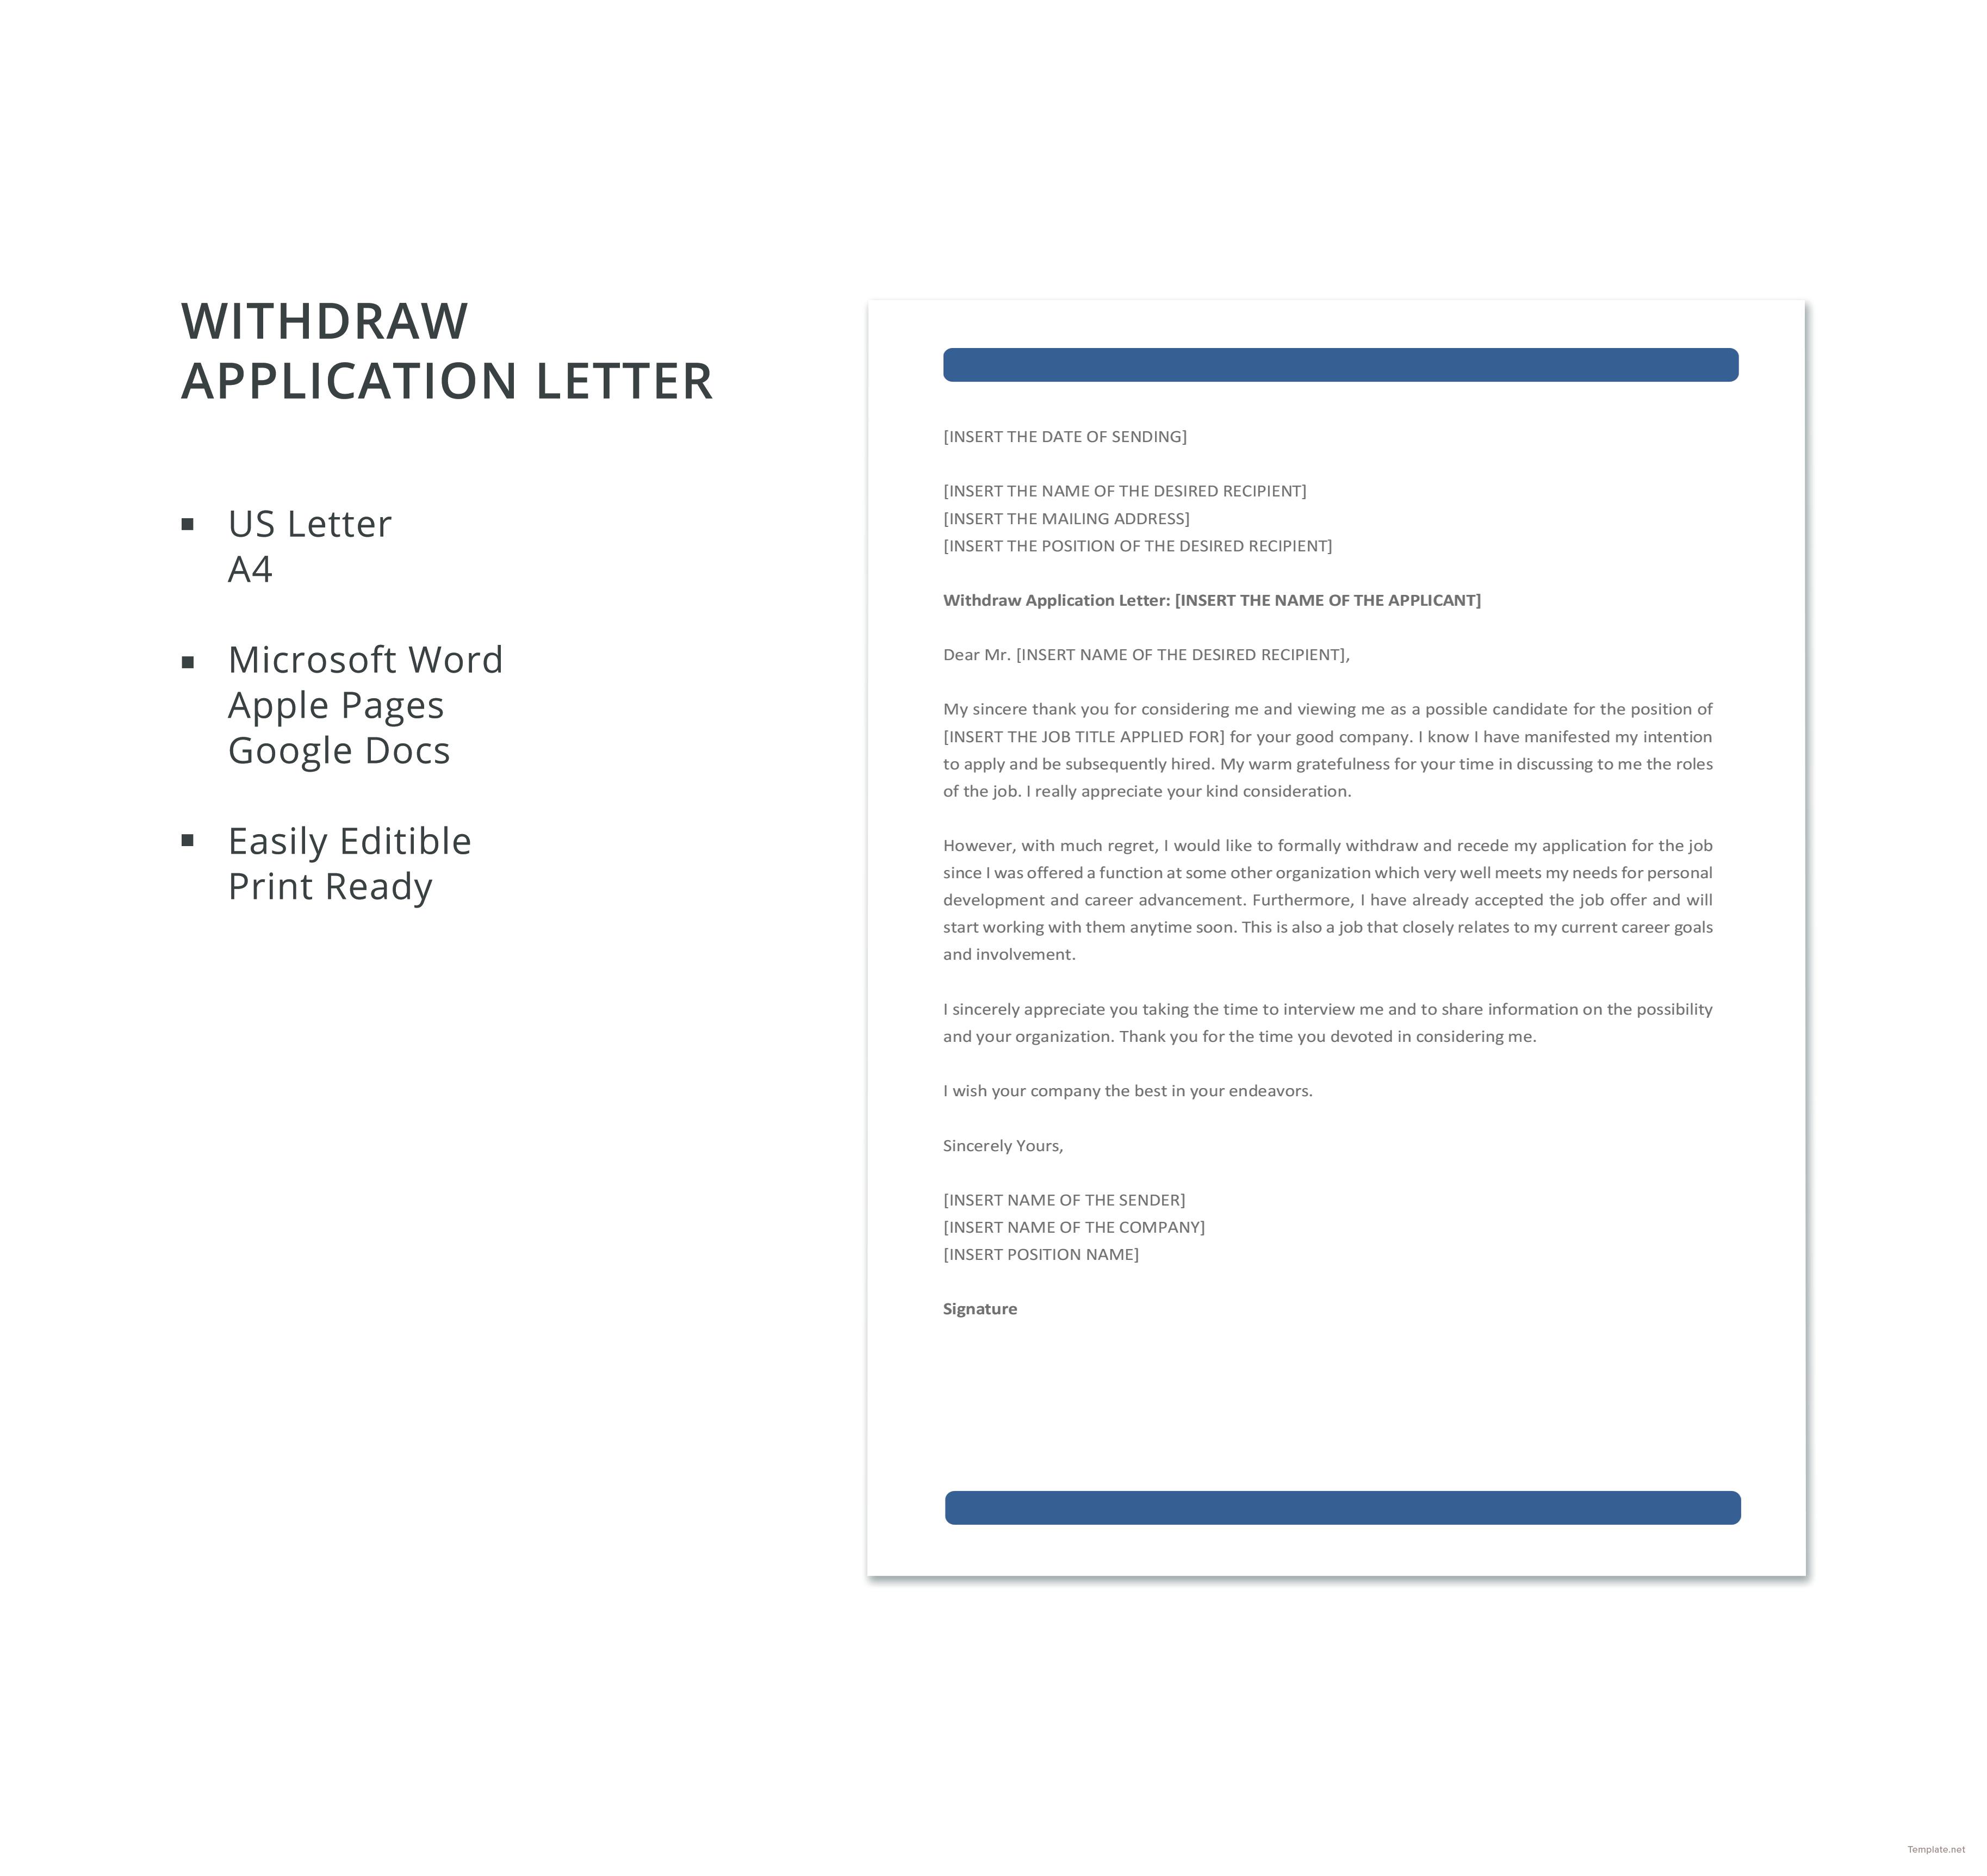 withdrawal of job offer letter template lv crelegant com